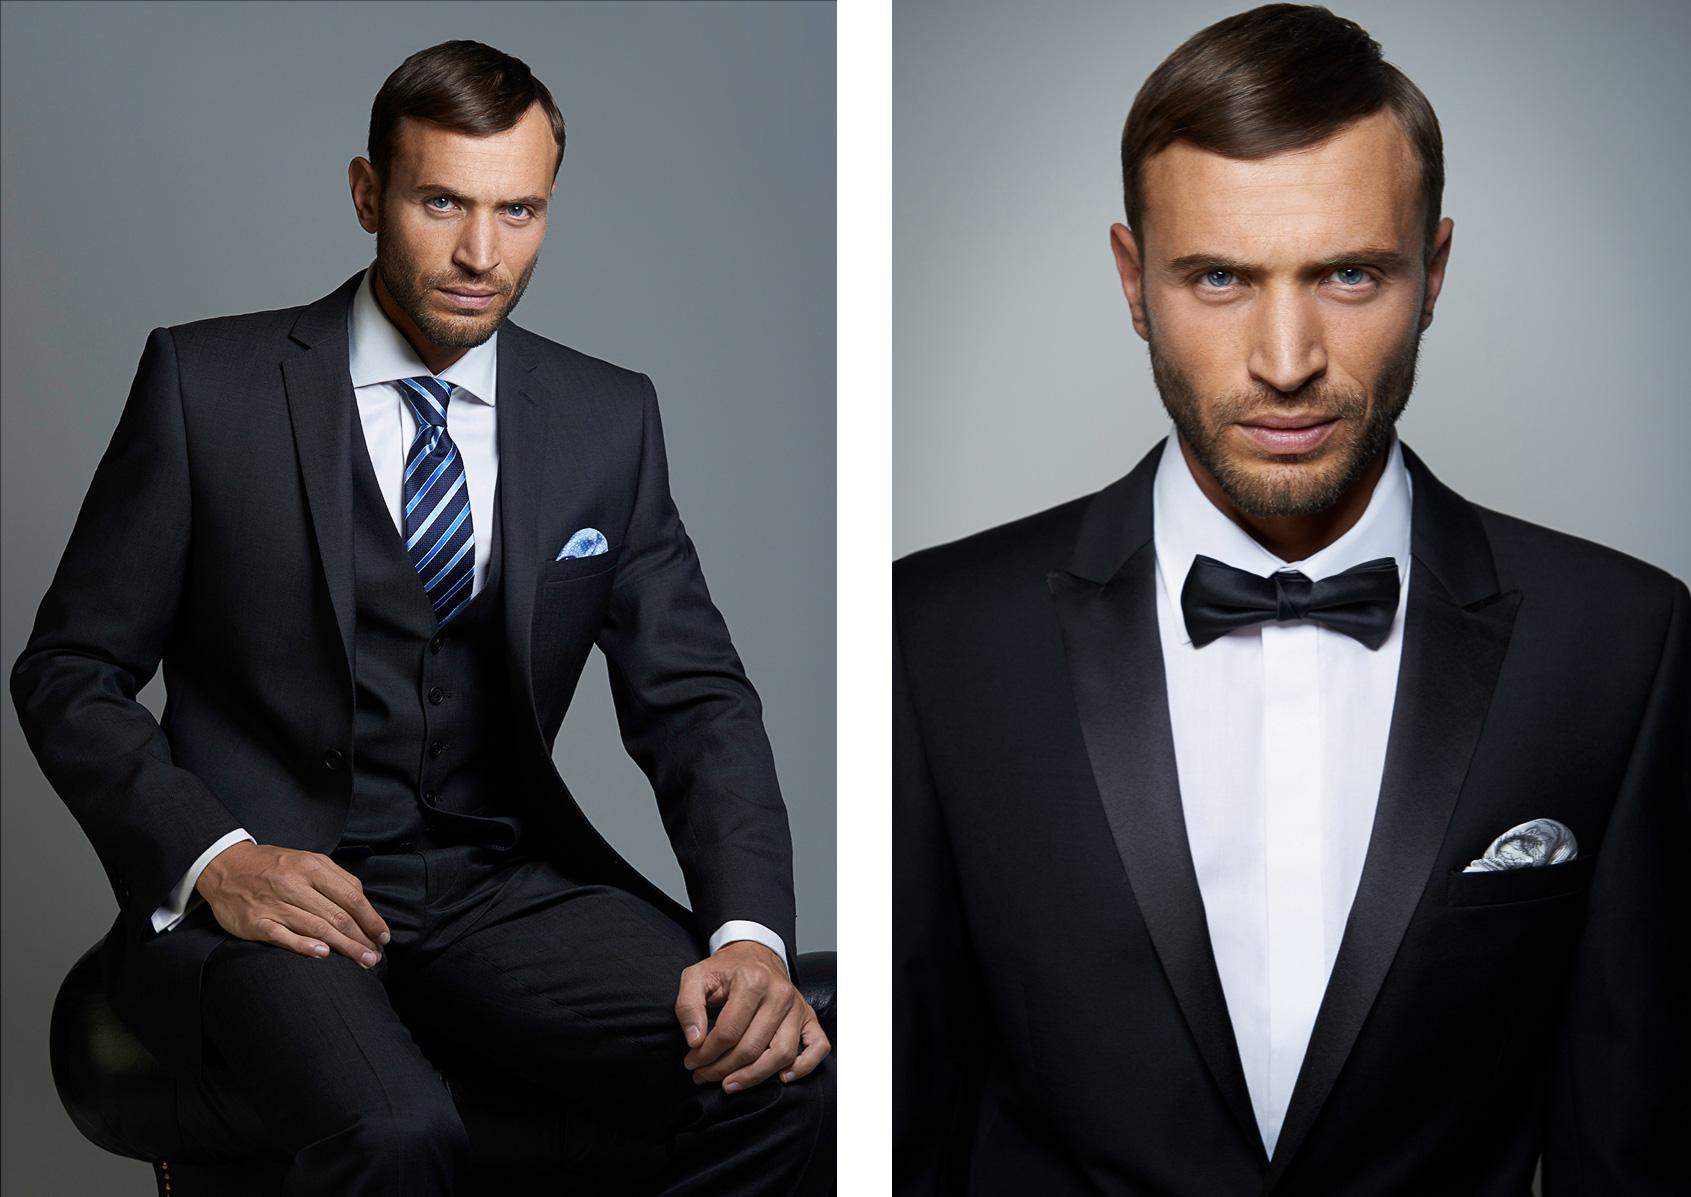 Luca-In-Suits2.jpg